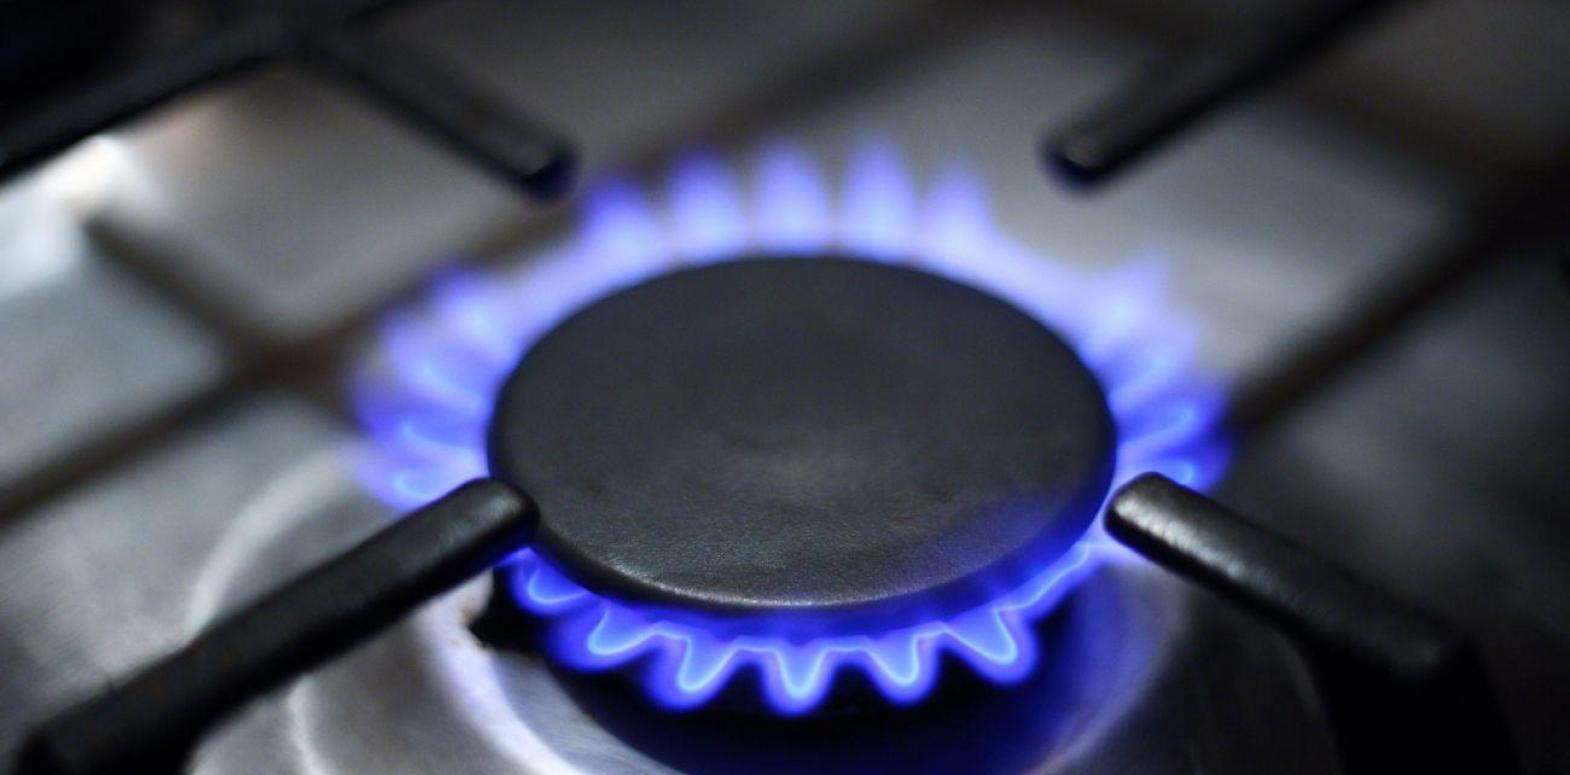 Аналитик дал прогноз цен на газ на 2021 год: 200 долларов и выше